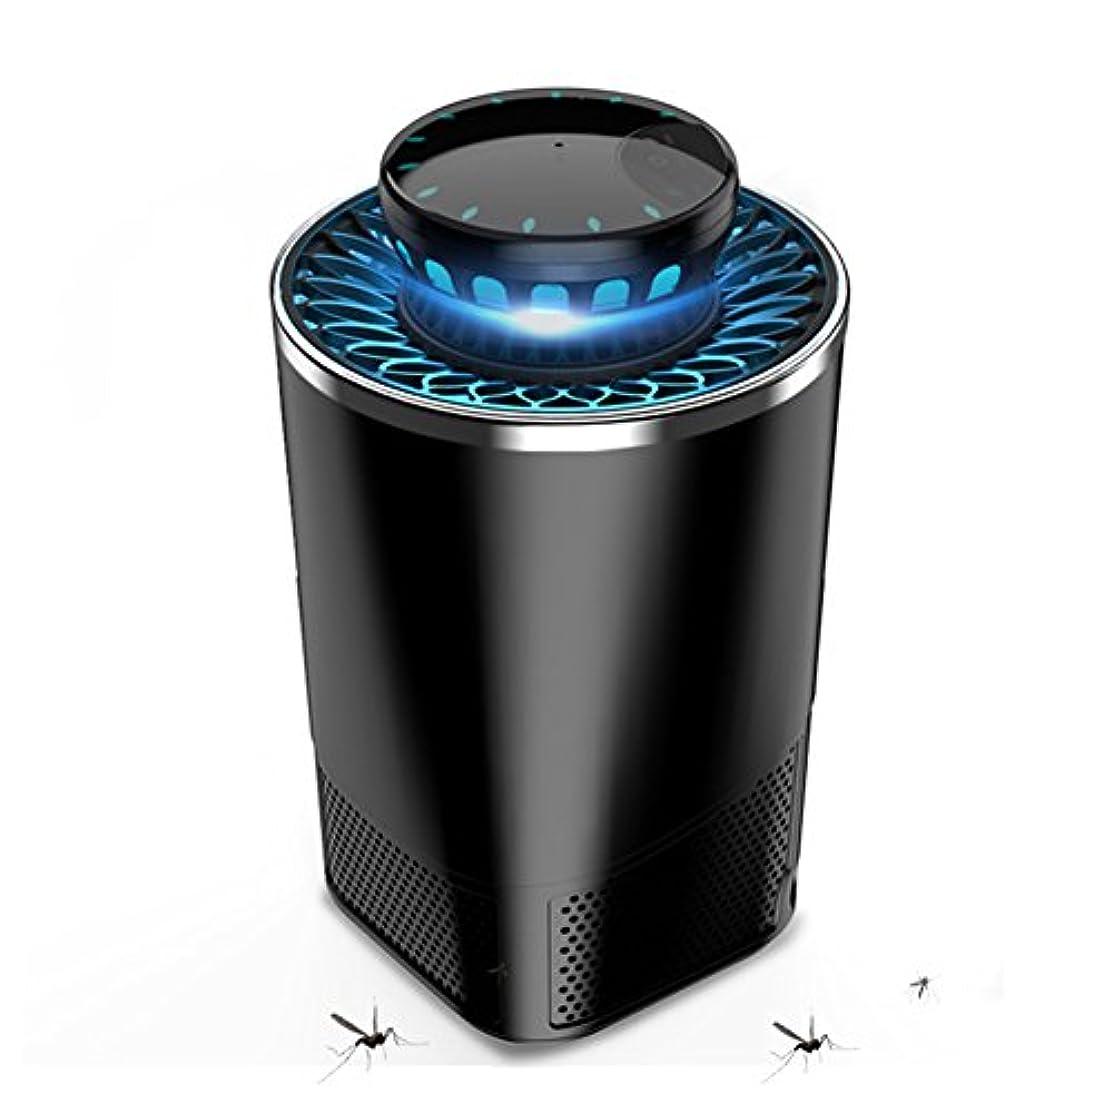 デコレーション支給接触LIXIONG 蚊ランプ 家庭 吸入タイプ 自動 ミュート 放射線を含まない、 黒、 13×21.2cm